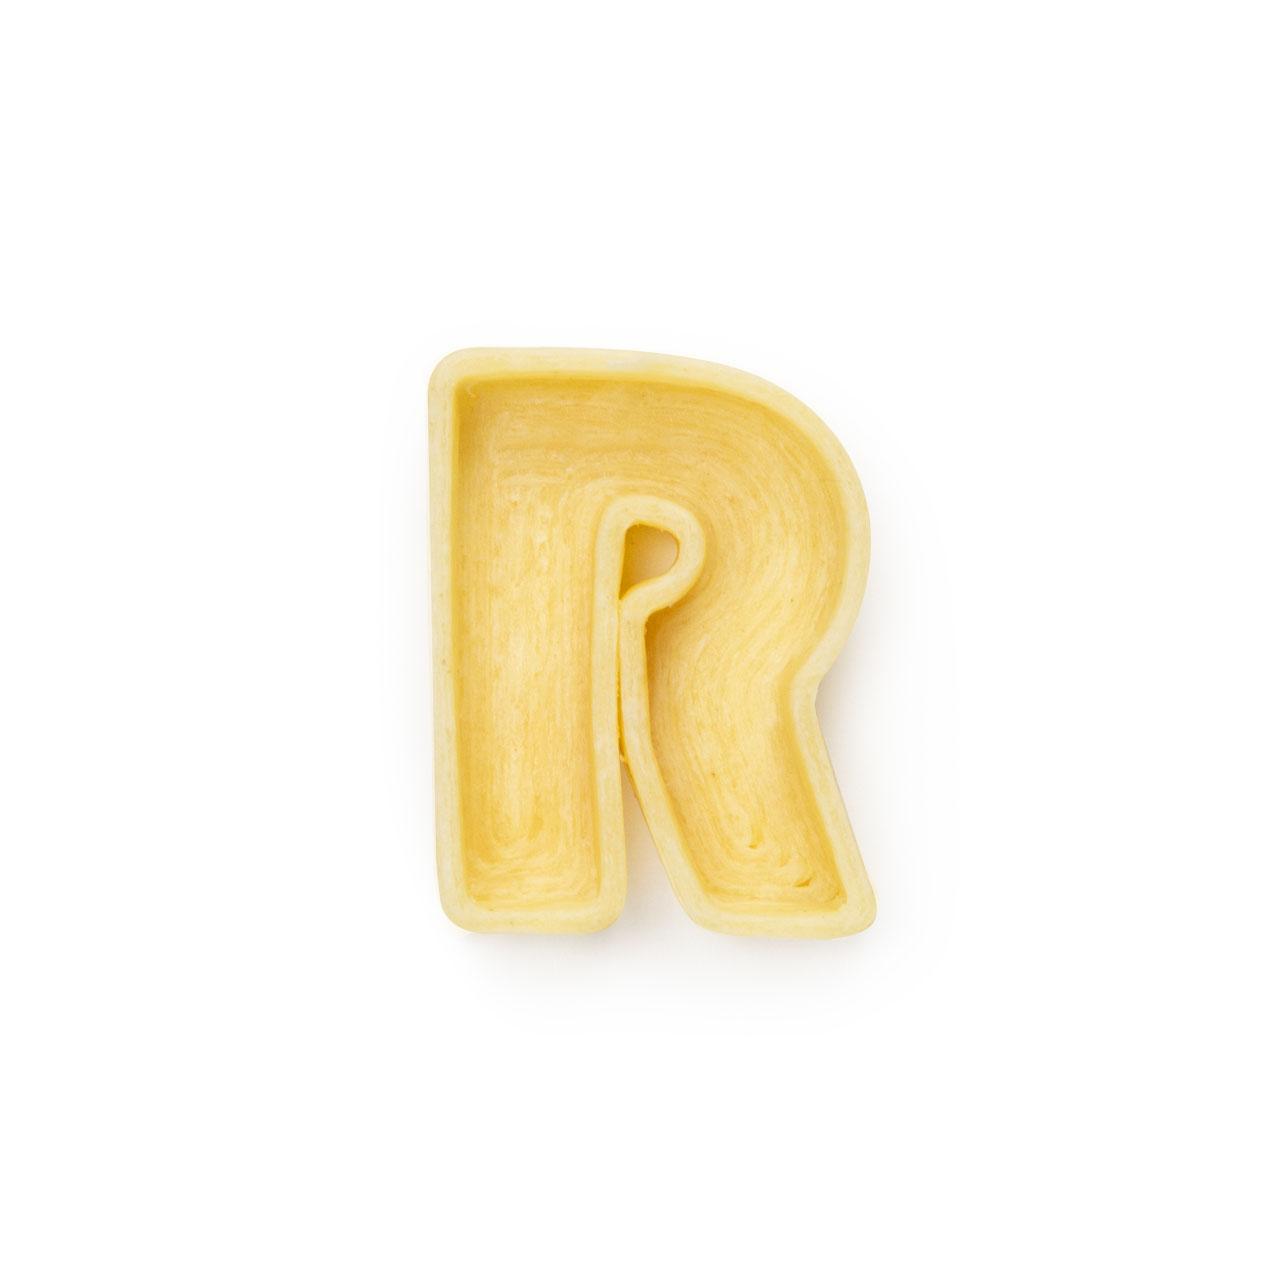 La lettera R di pasta